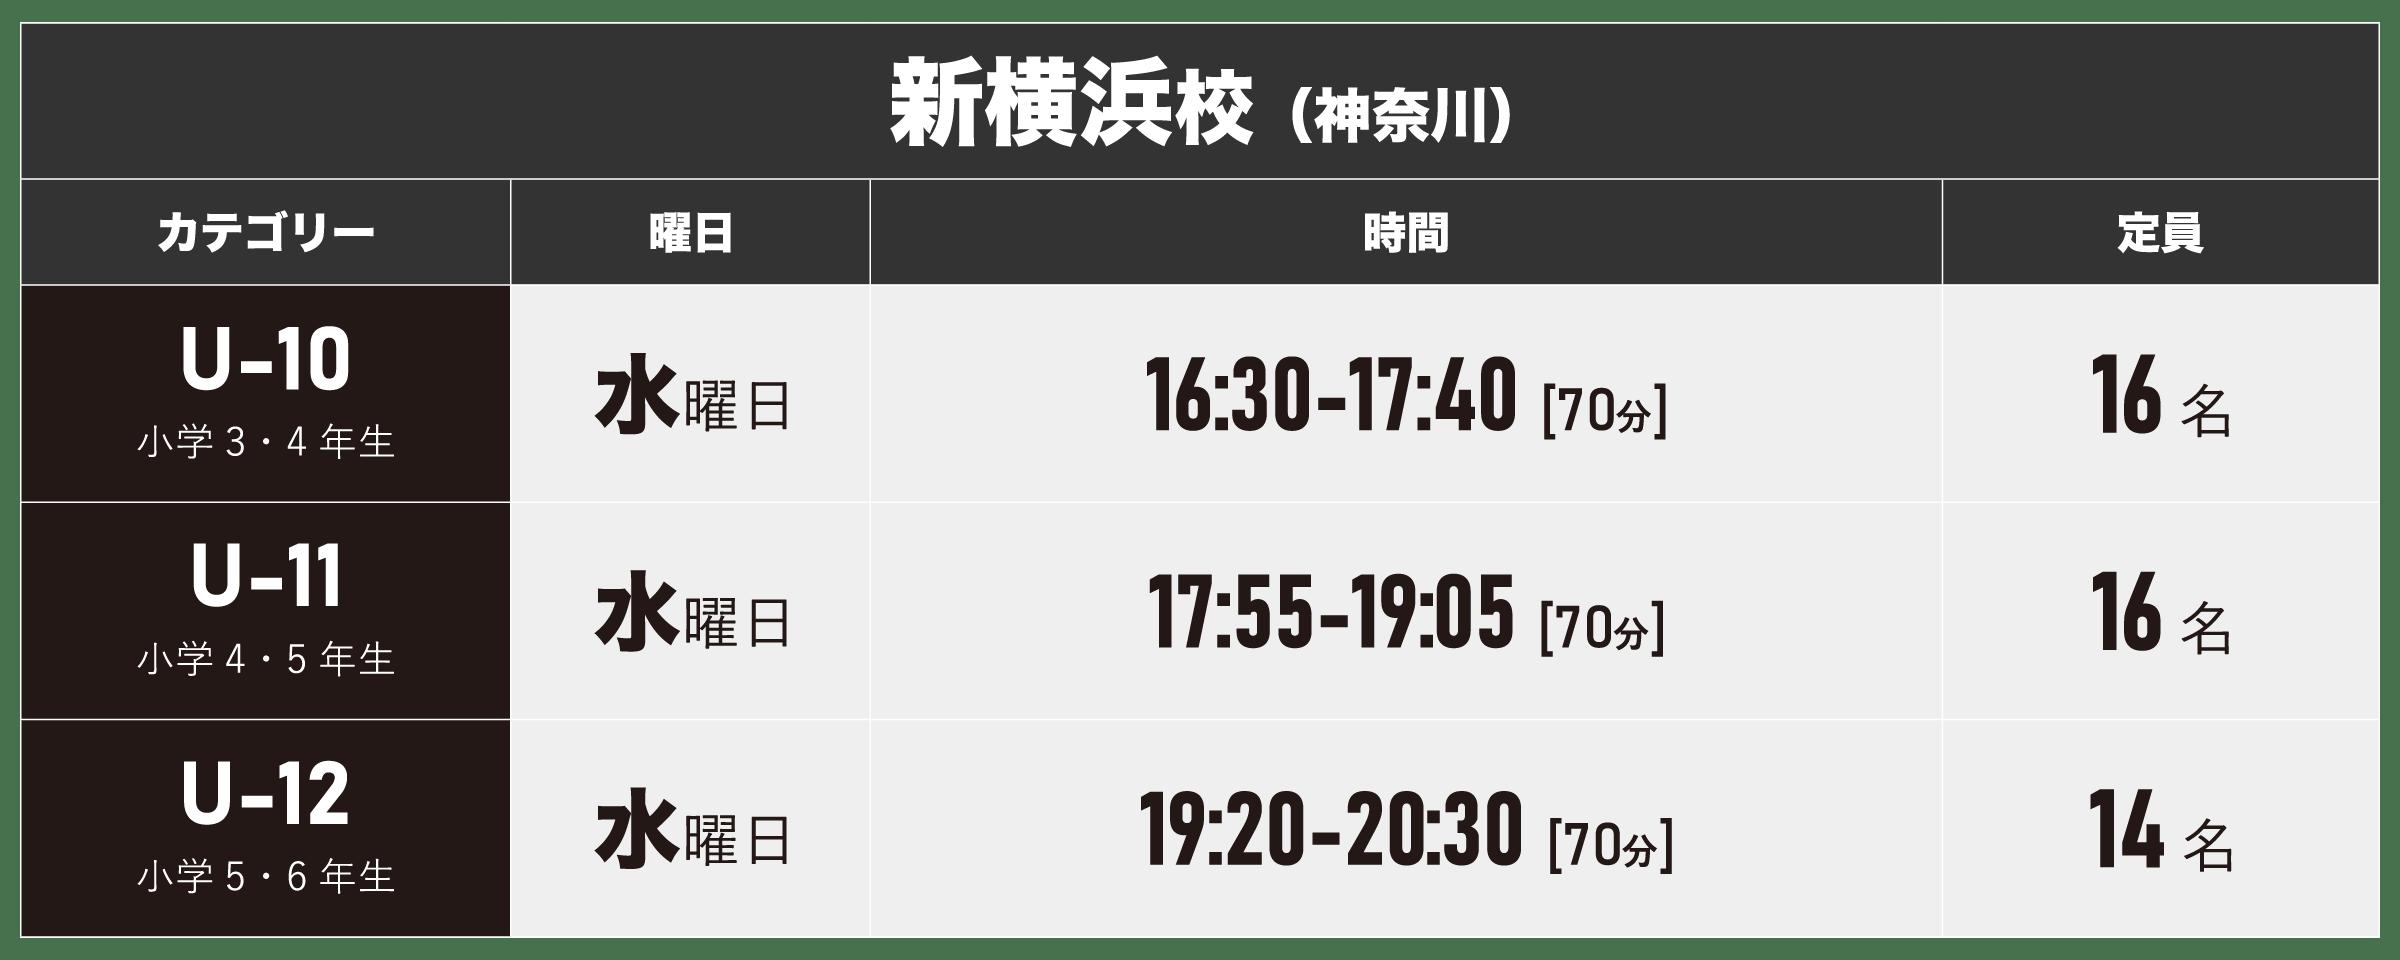 t_shinyokohama_2021